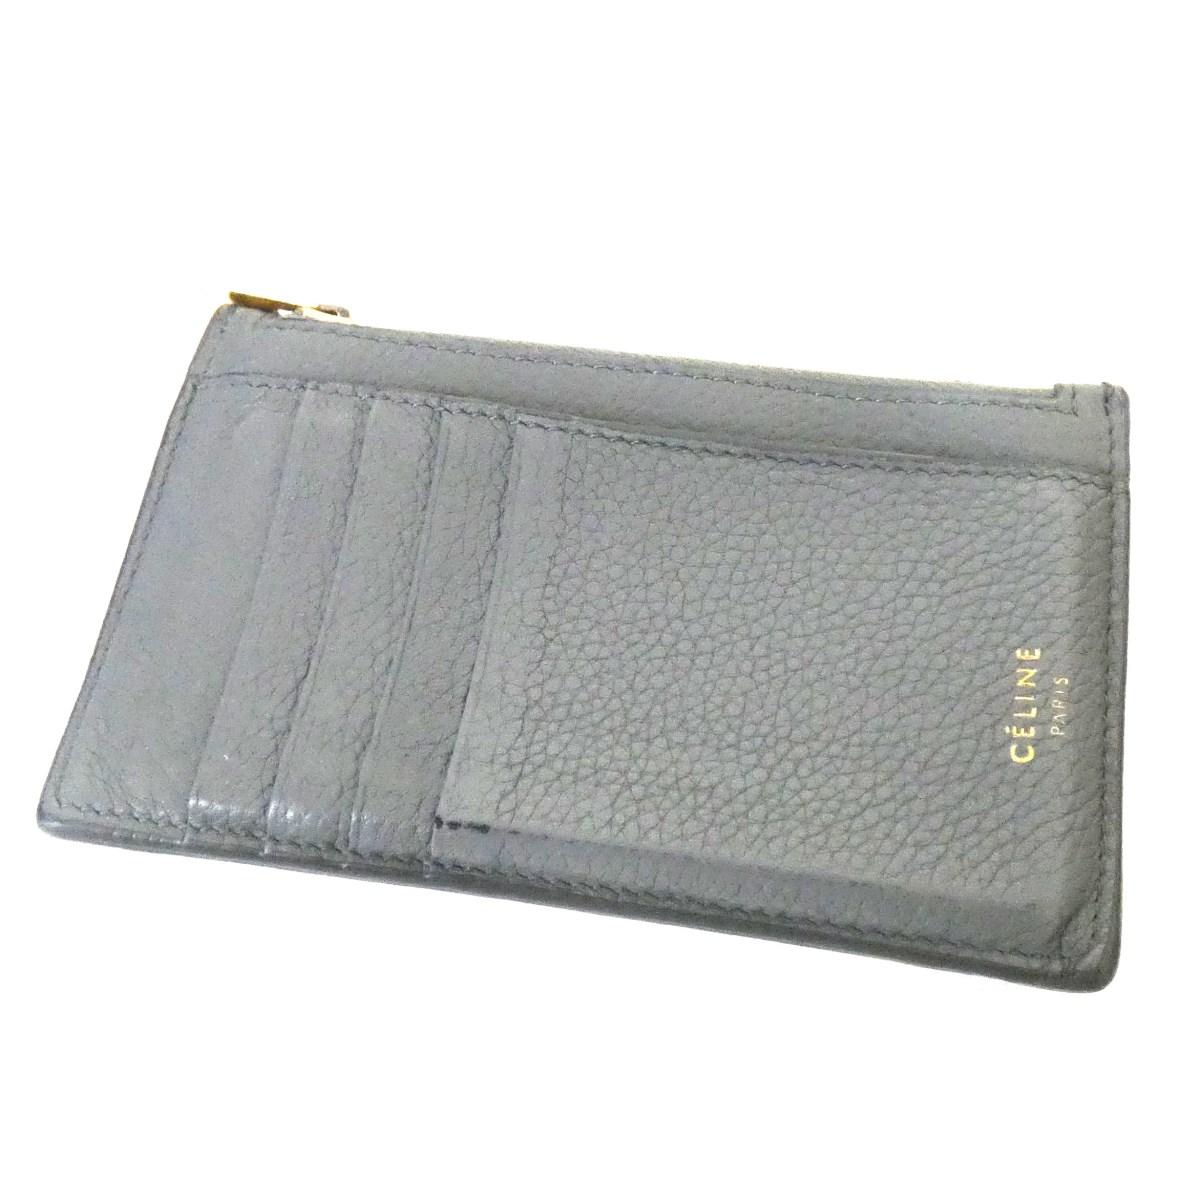 【中古】CELINE 「Compact Card Holder」F-PG-211B コンパクトジップカードケース グレー サイズ:- 【120320】(セリーヌ)